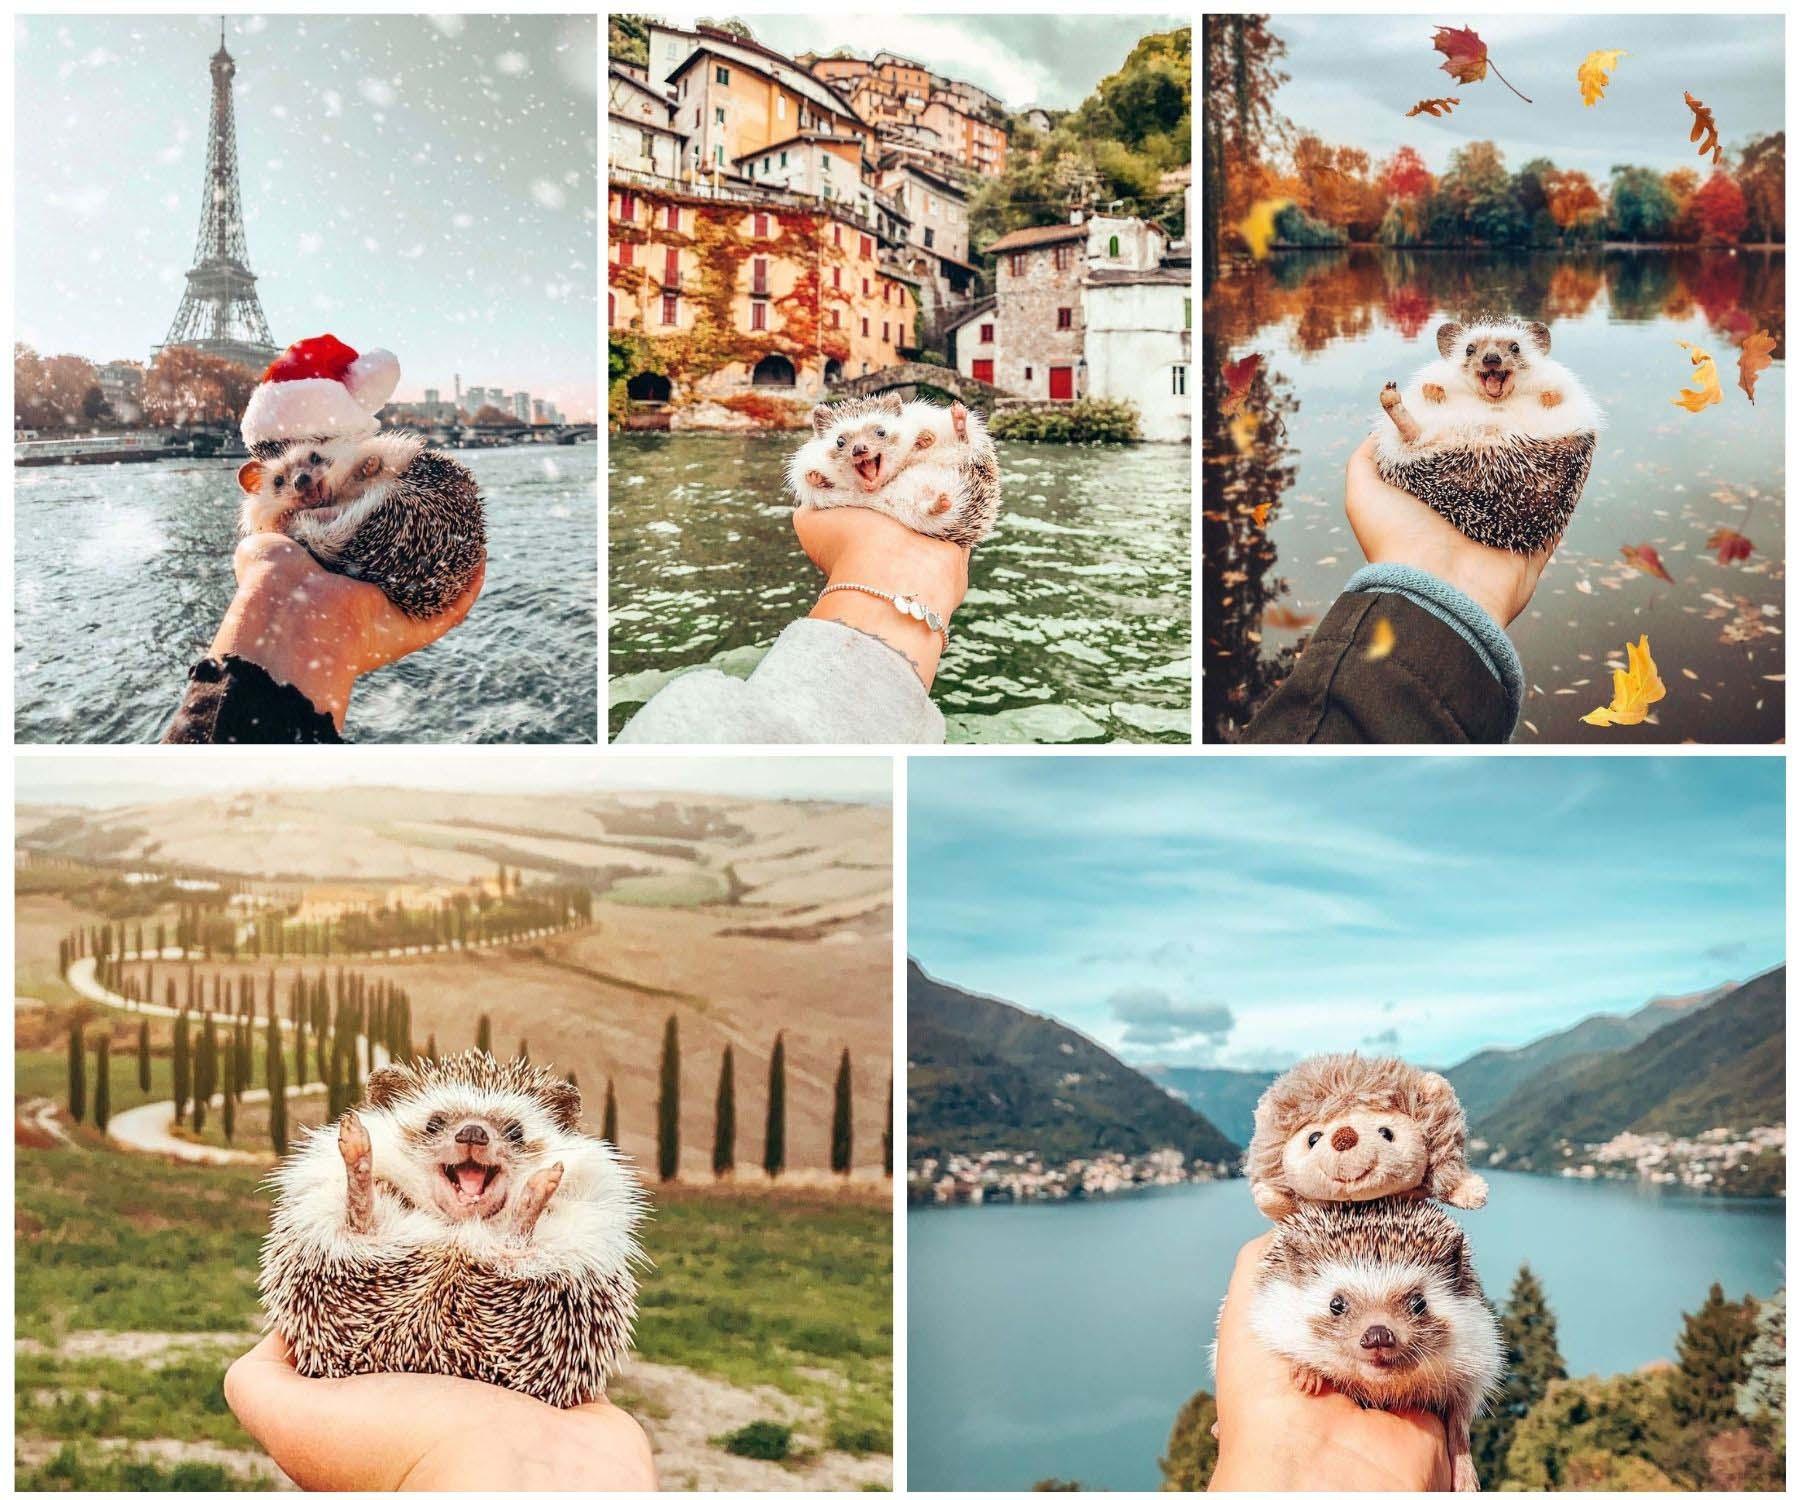 tài khoản instagram du lịch mr pokee